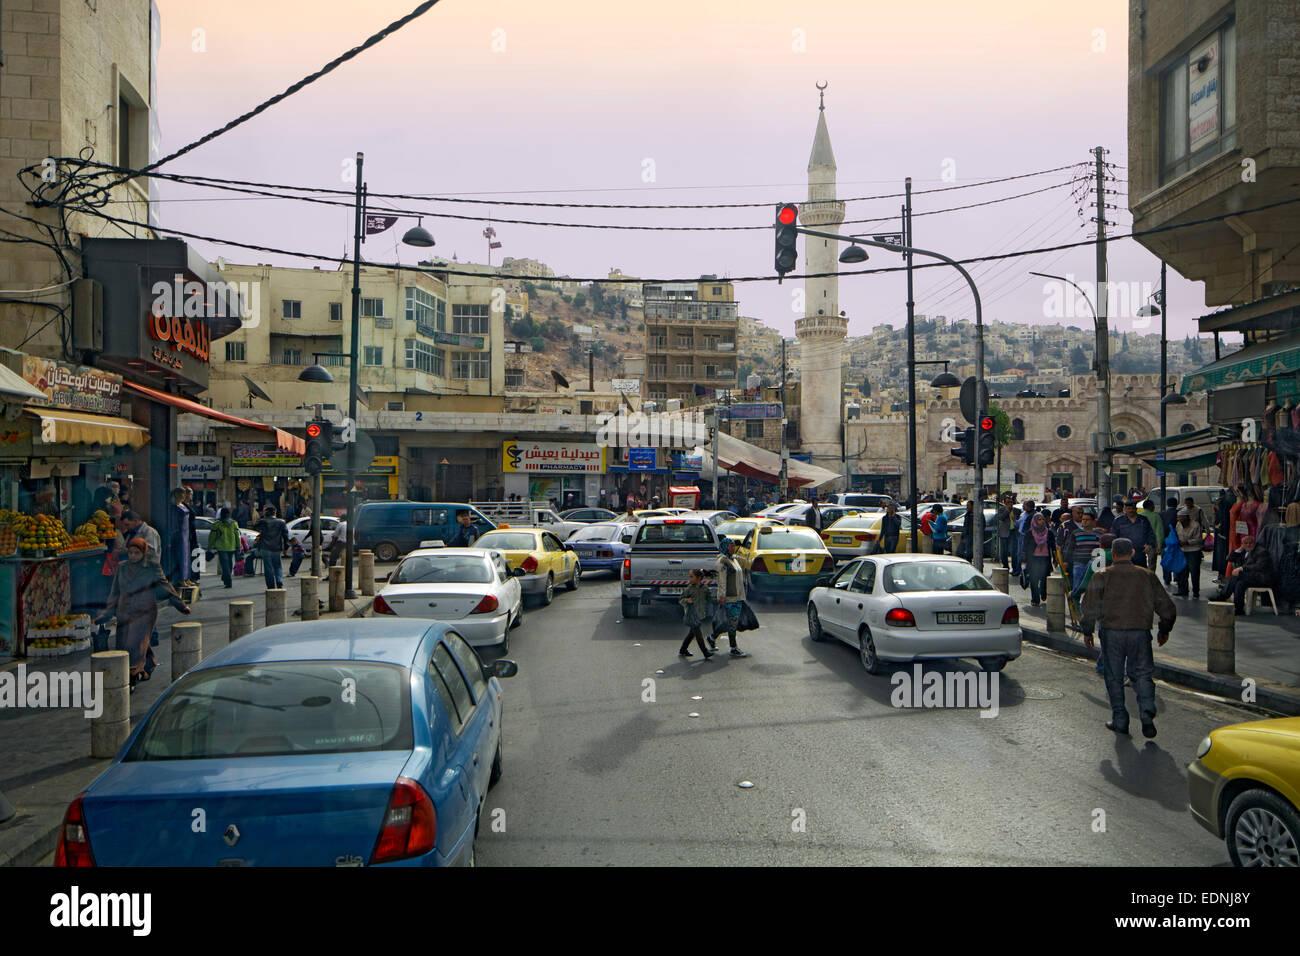 Scena di strada, strada, moschea, Amman, Giordania Immagini Stock